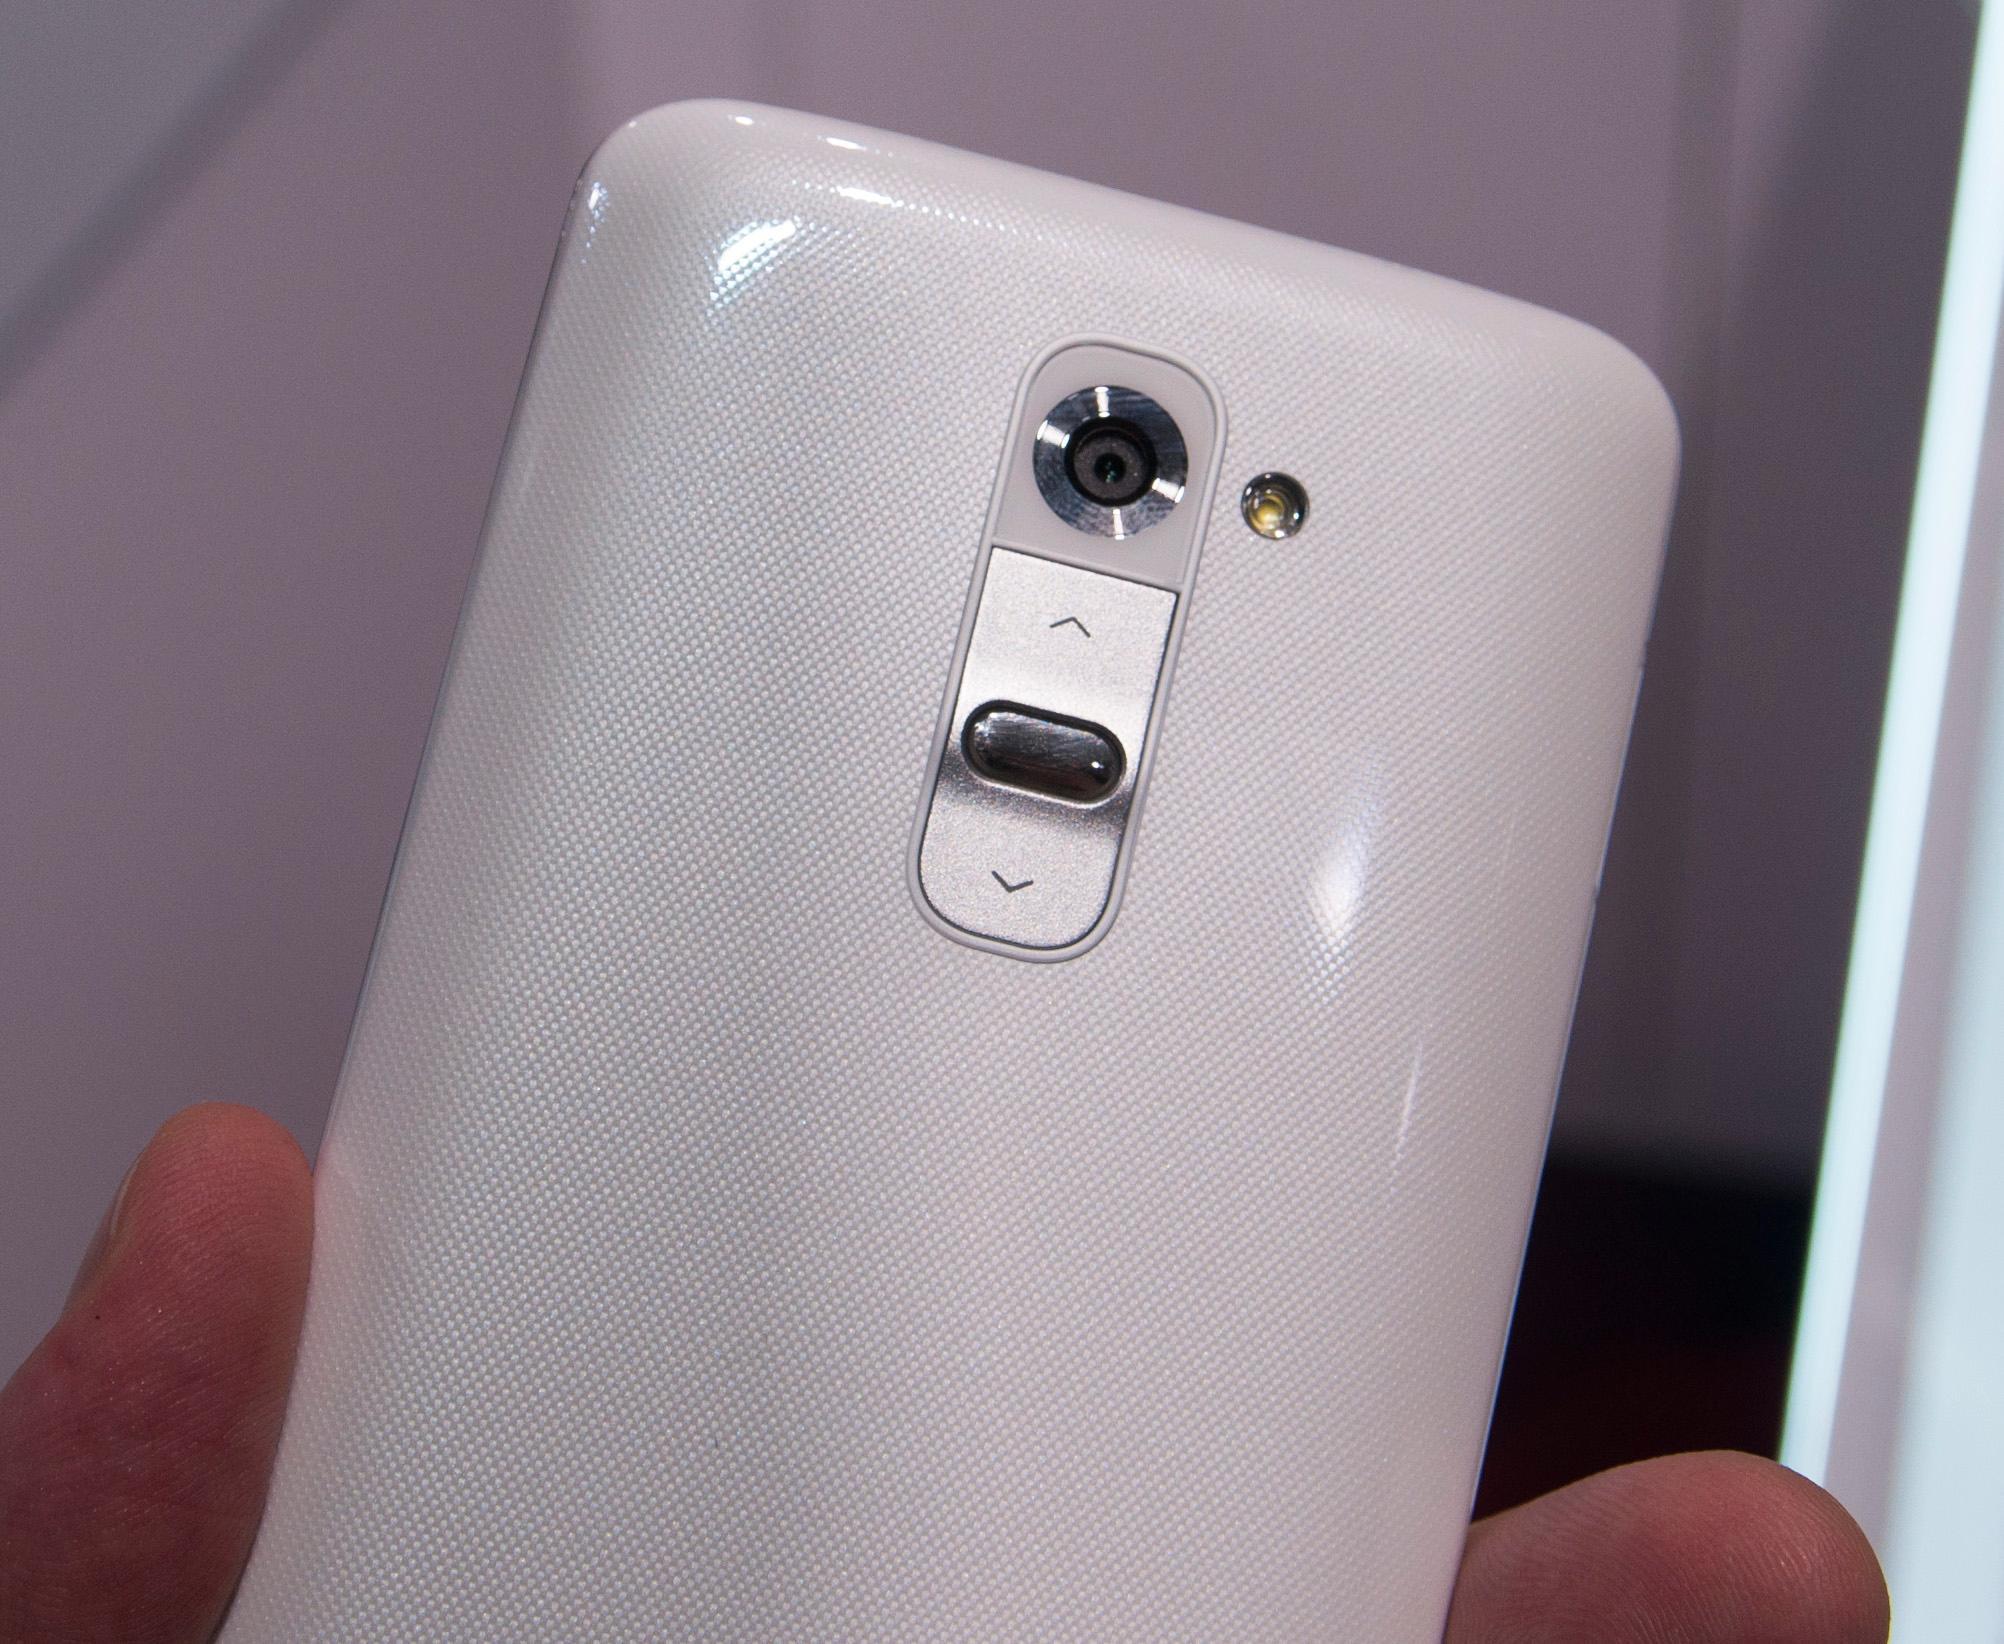 På baksiden har nemlig G2 både låsetast og volumtaster. LG hevder det er her folk flest har fingrene når de bruker telefonen.Foto: Finn Jarle Kvalheim, Amobil.no